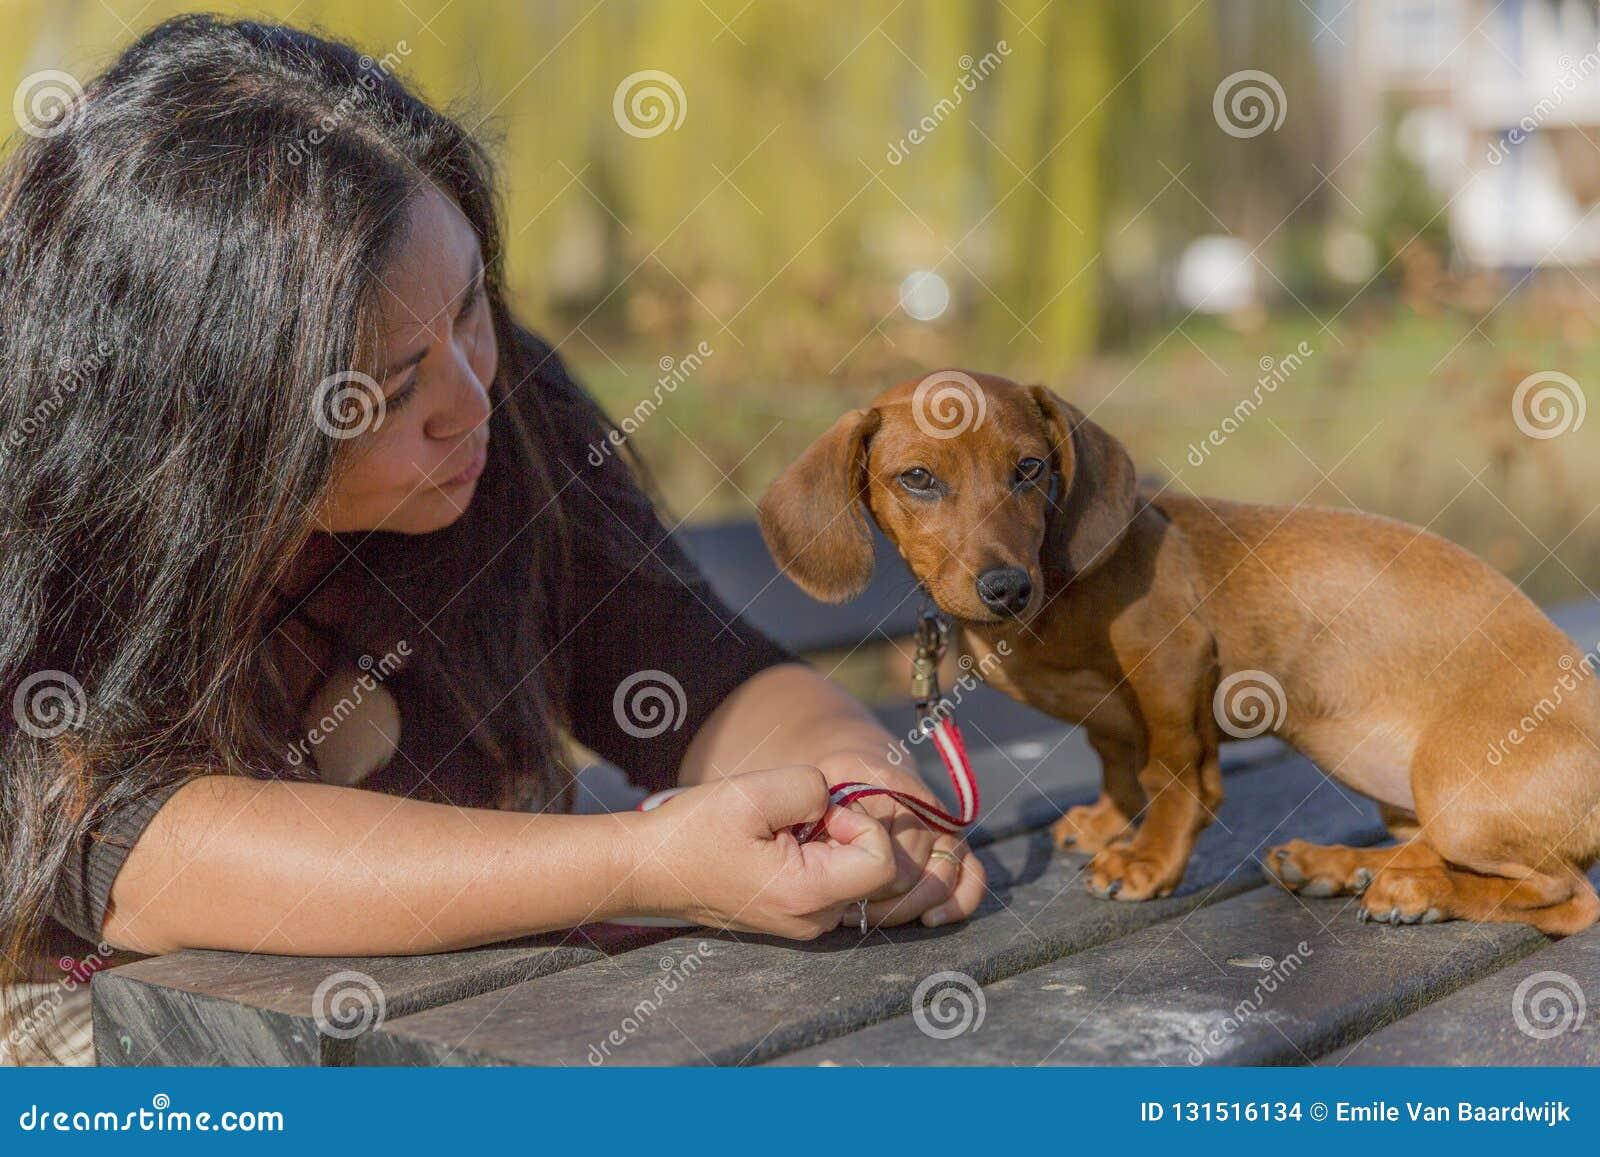 Imagem bonita de uma mulher com cabelo longo que conversa lovingly com seu cachorrinho